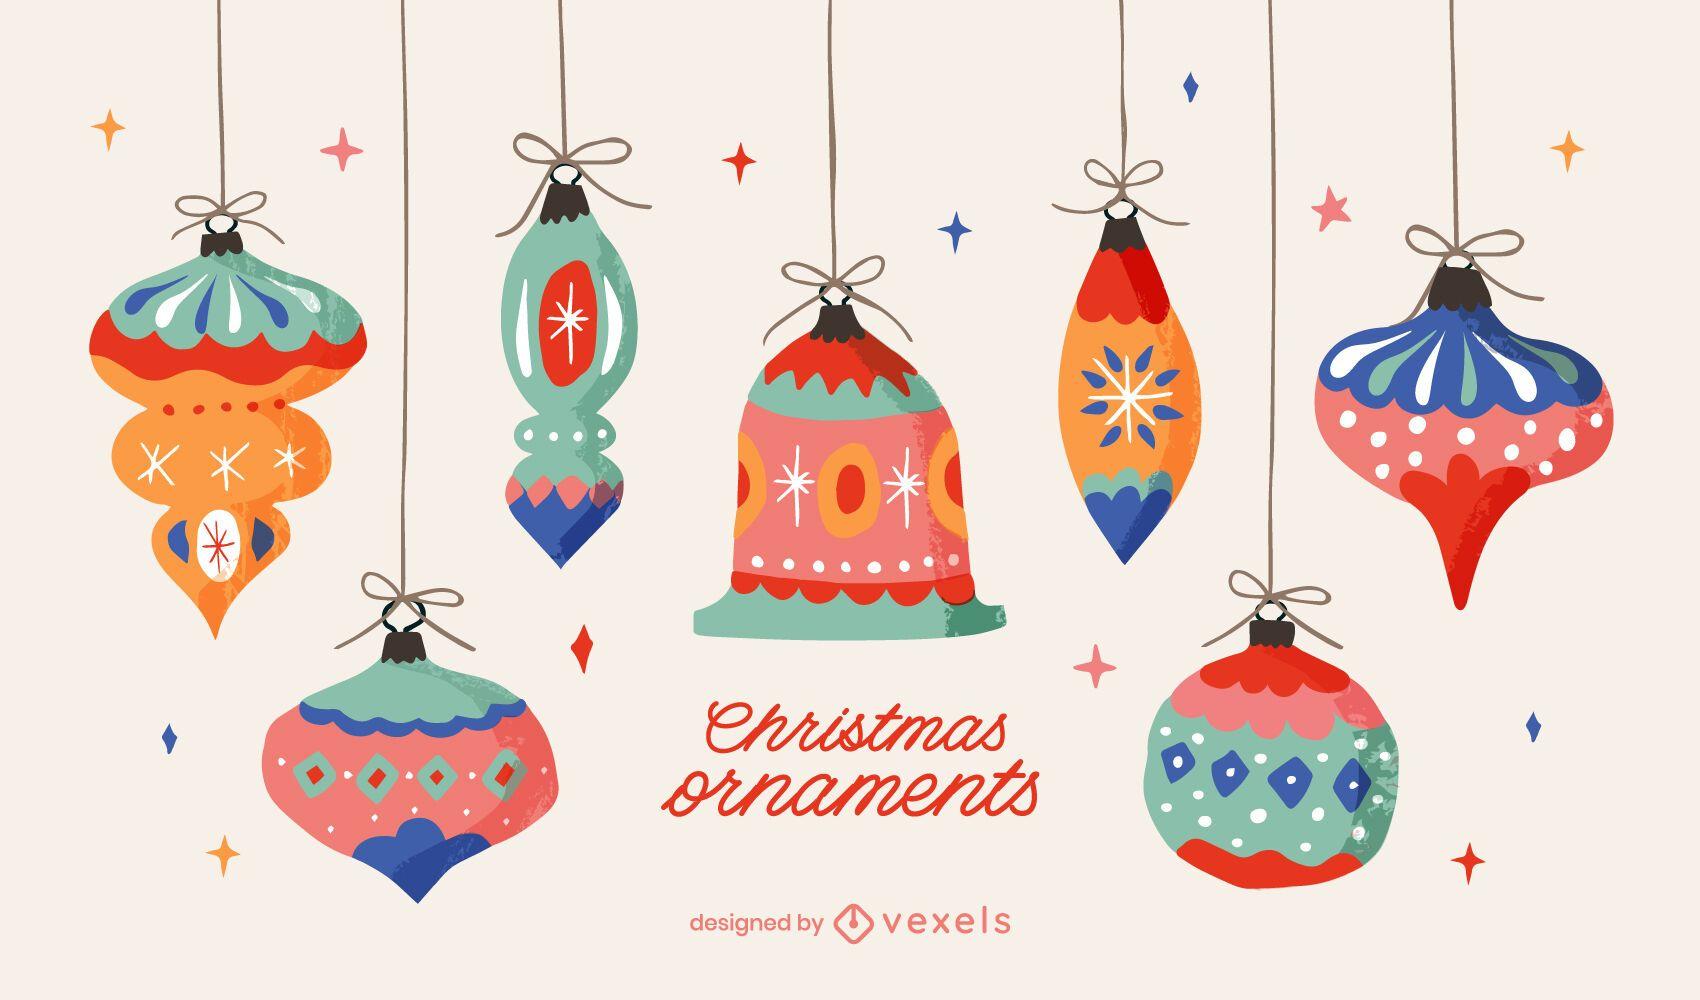 Paquete de ilustraciones de adornos navideños